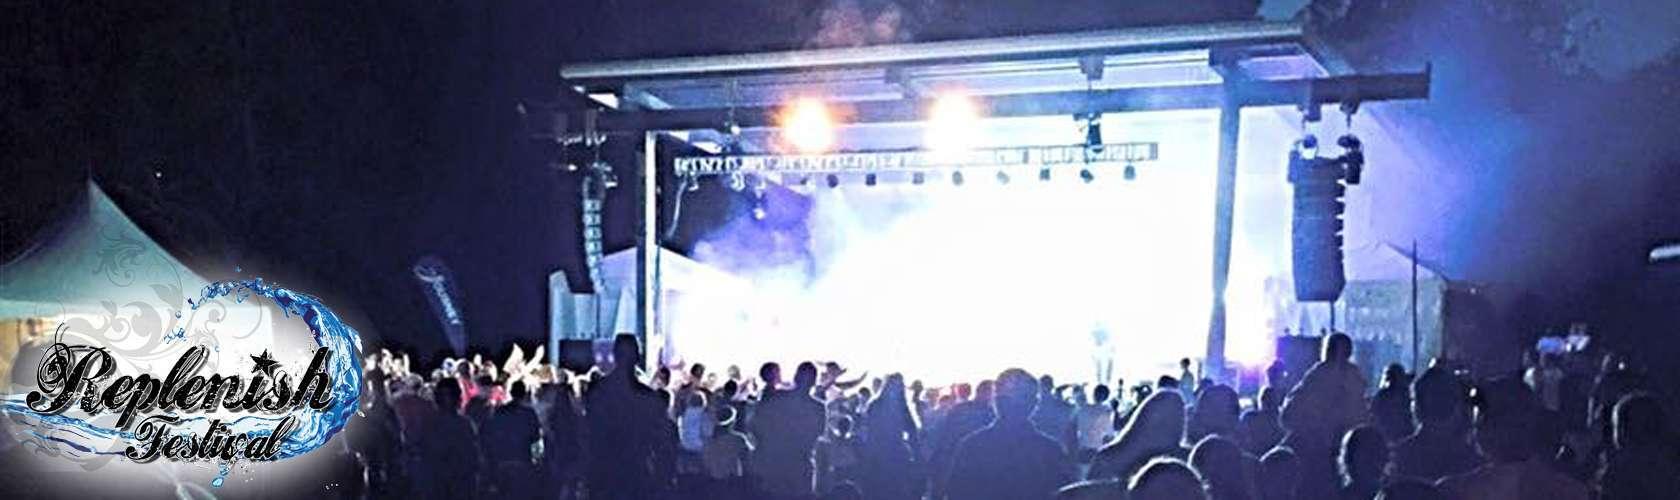 Replenish Festival 2016